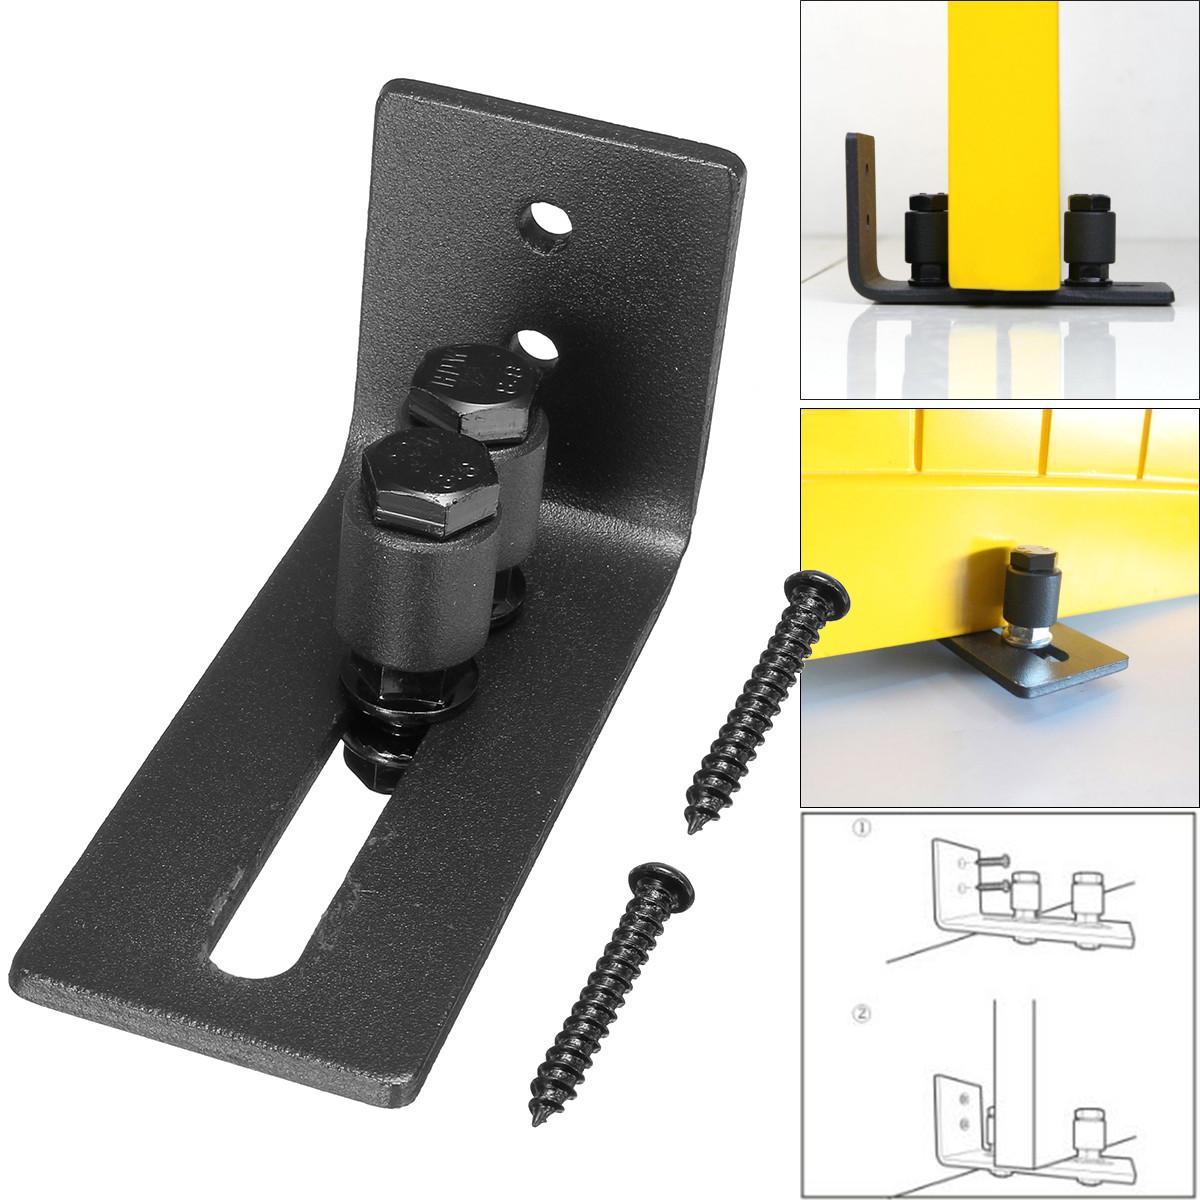 Carbon steel Barn Door Hardware Multifunction Bottom Floor Wall Guide Floor Guide with Adjustable Screws【3pcs】